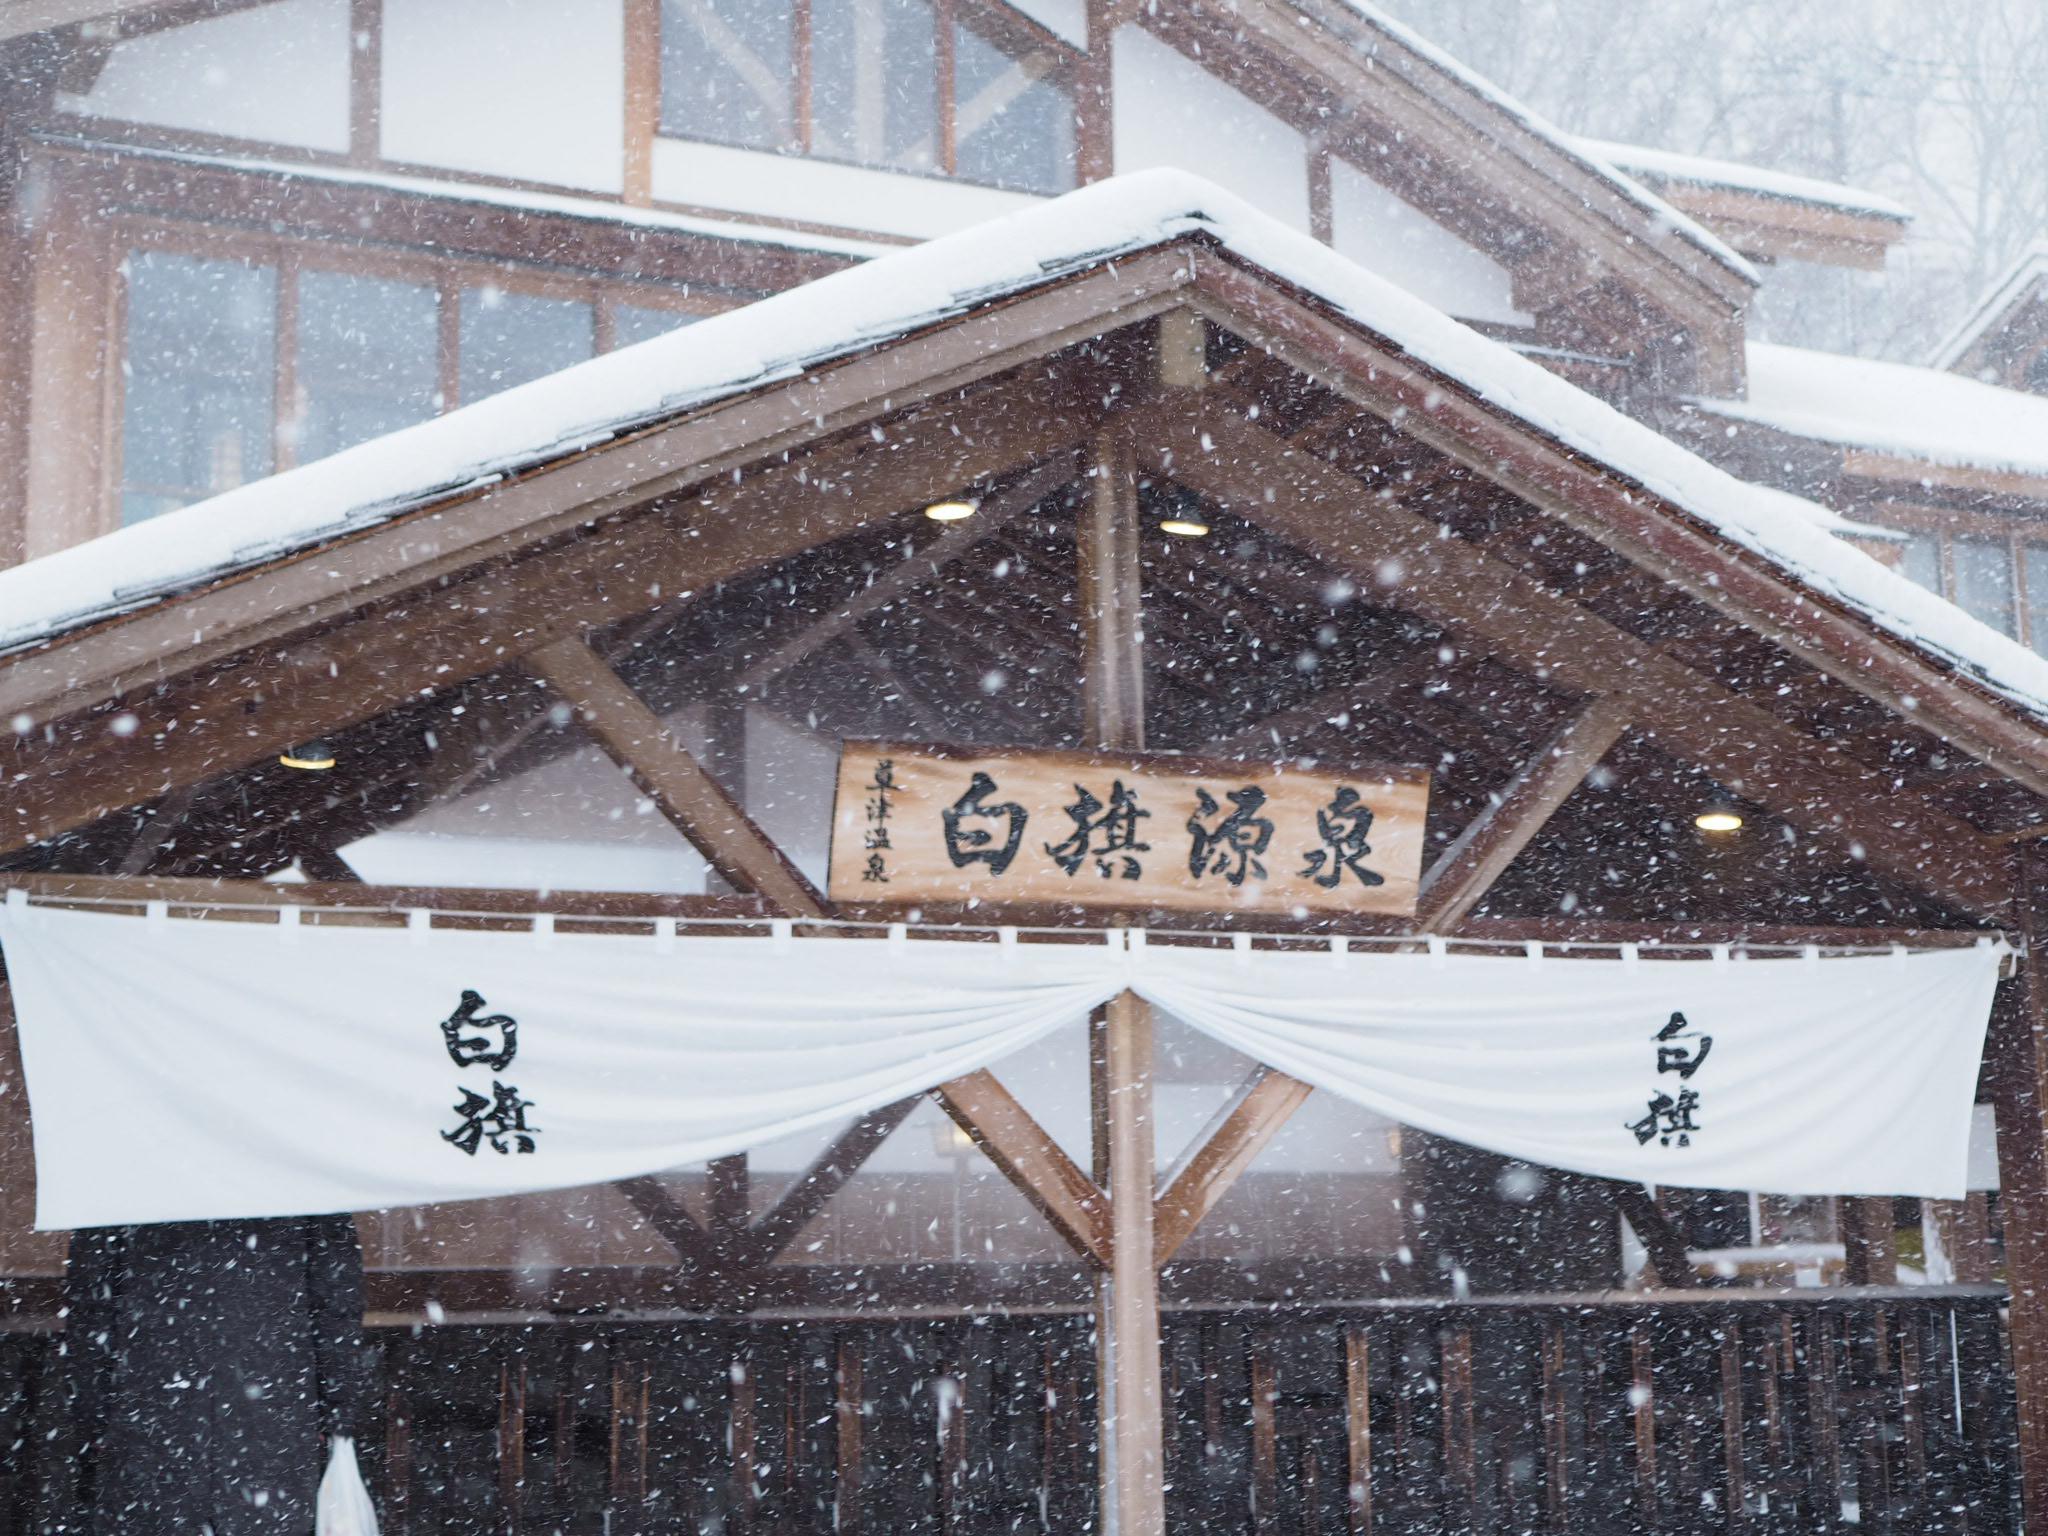 【草津温泉】雪景色がエモすぎる温泉旅♨︎♡_5